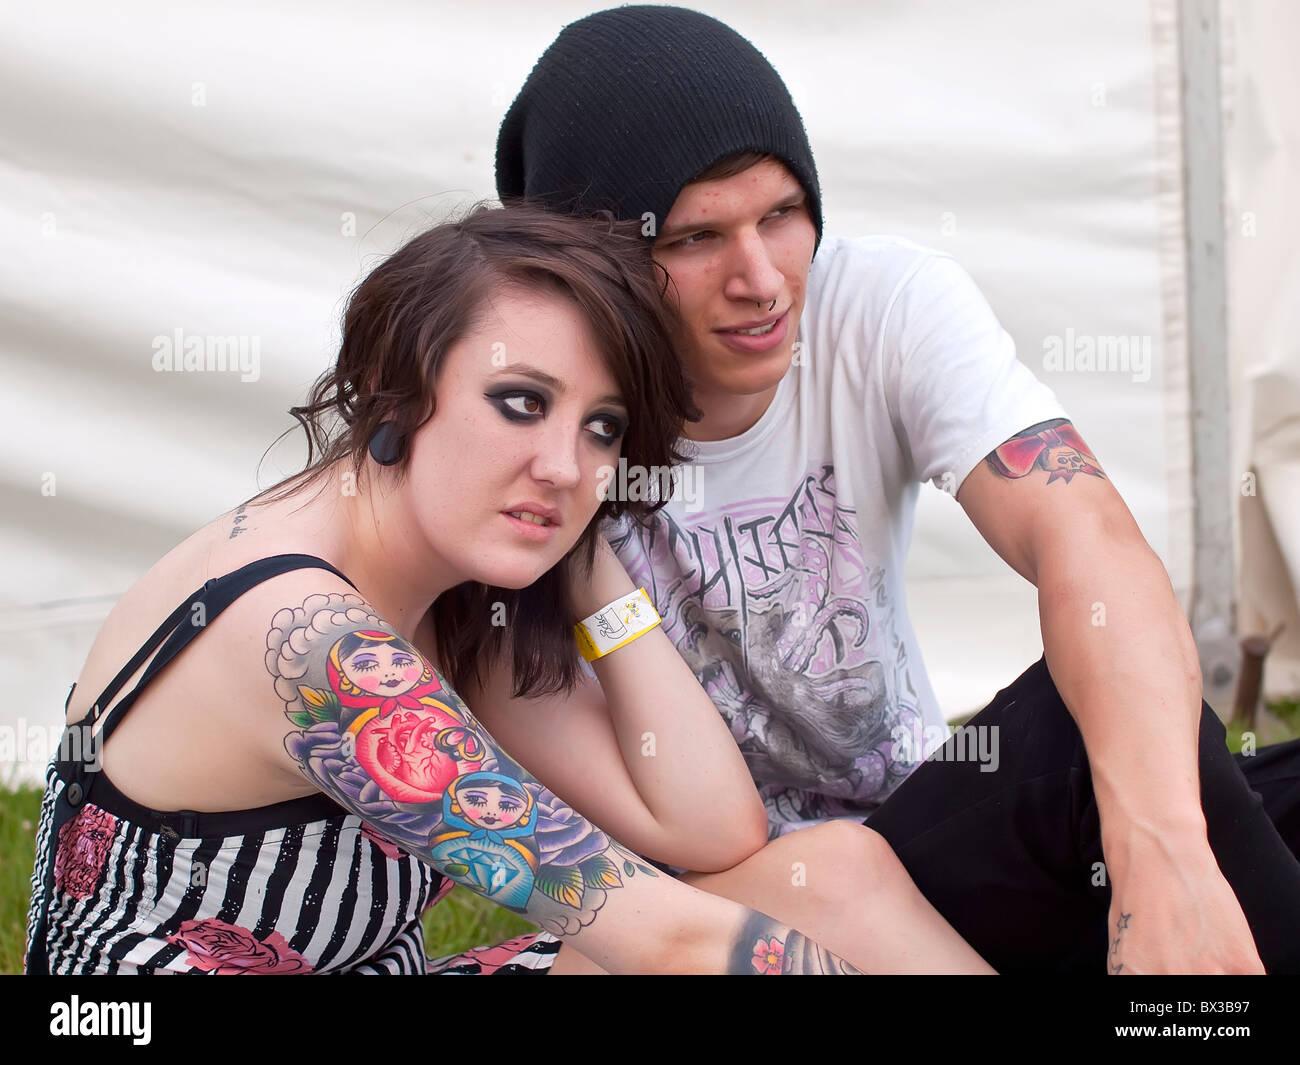 Lucia una trendy giovane adulto di sesso femminile di diciannove anni con tatuaggi con ragazzo amico Blair (persone Immagini Stock